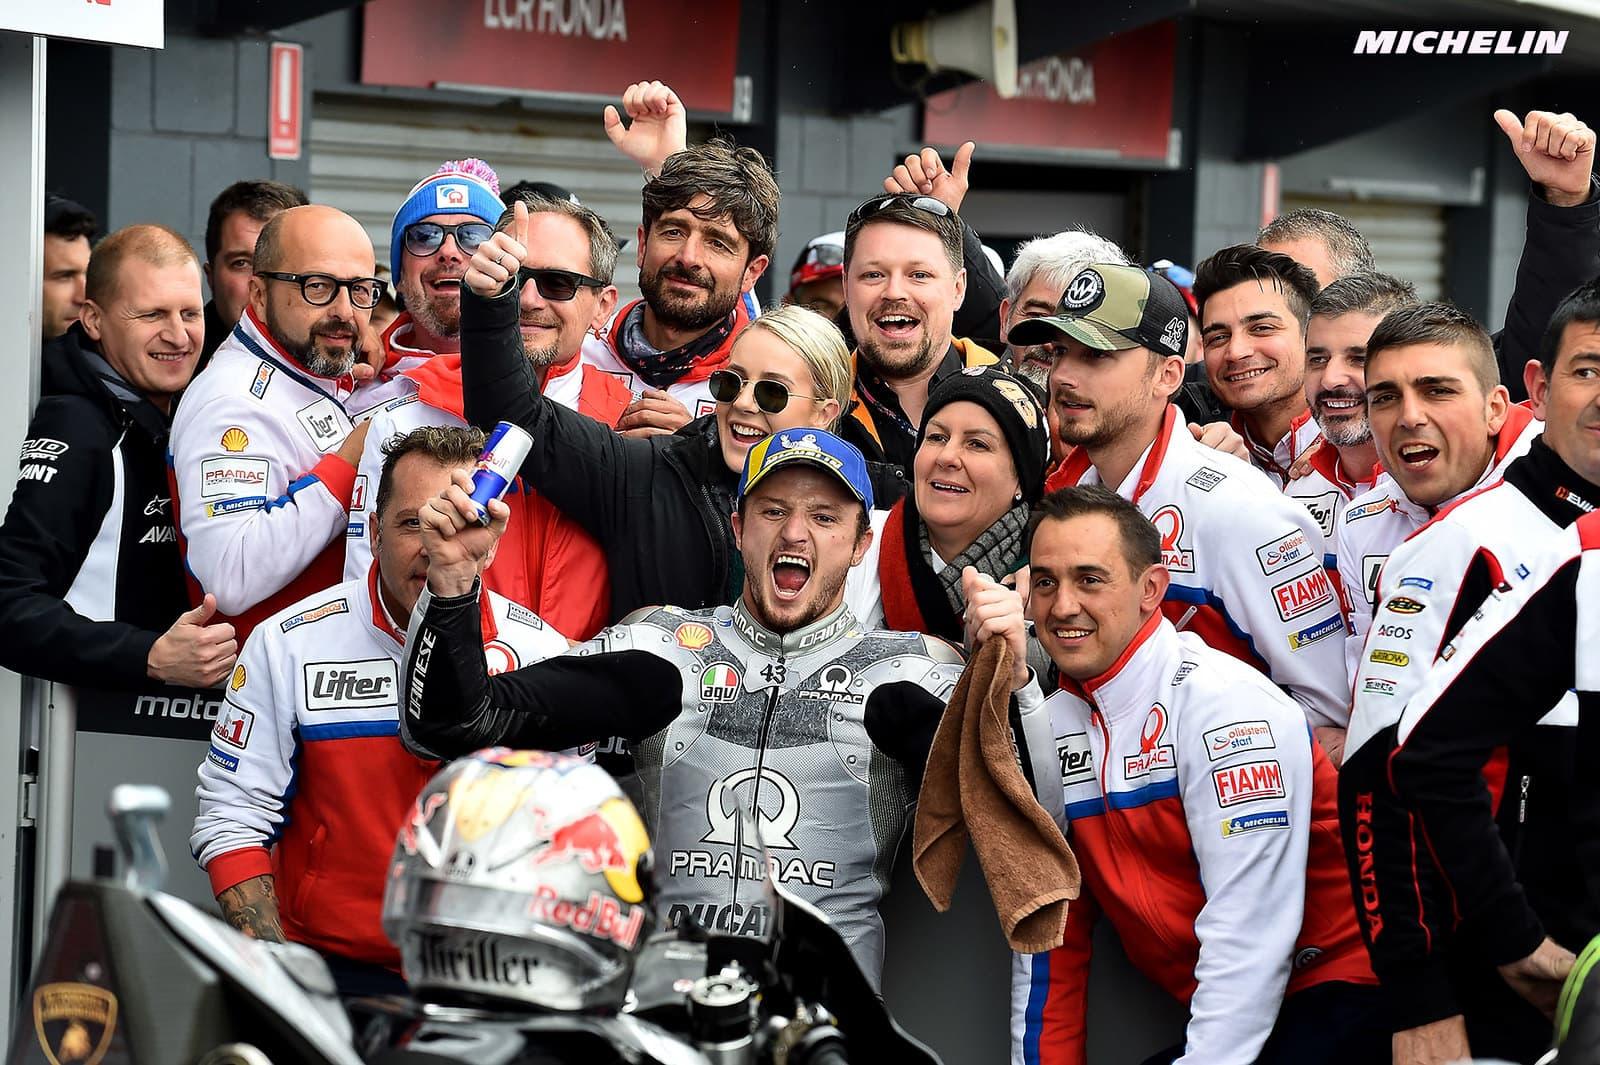 MotoGP2019オーストラリアGP 3位ミラー「誰かの転倒は望まないが、今日はこういうレースだった」